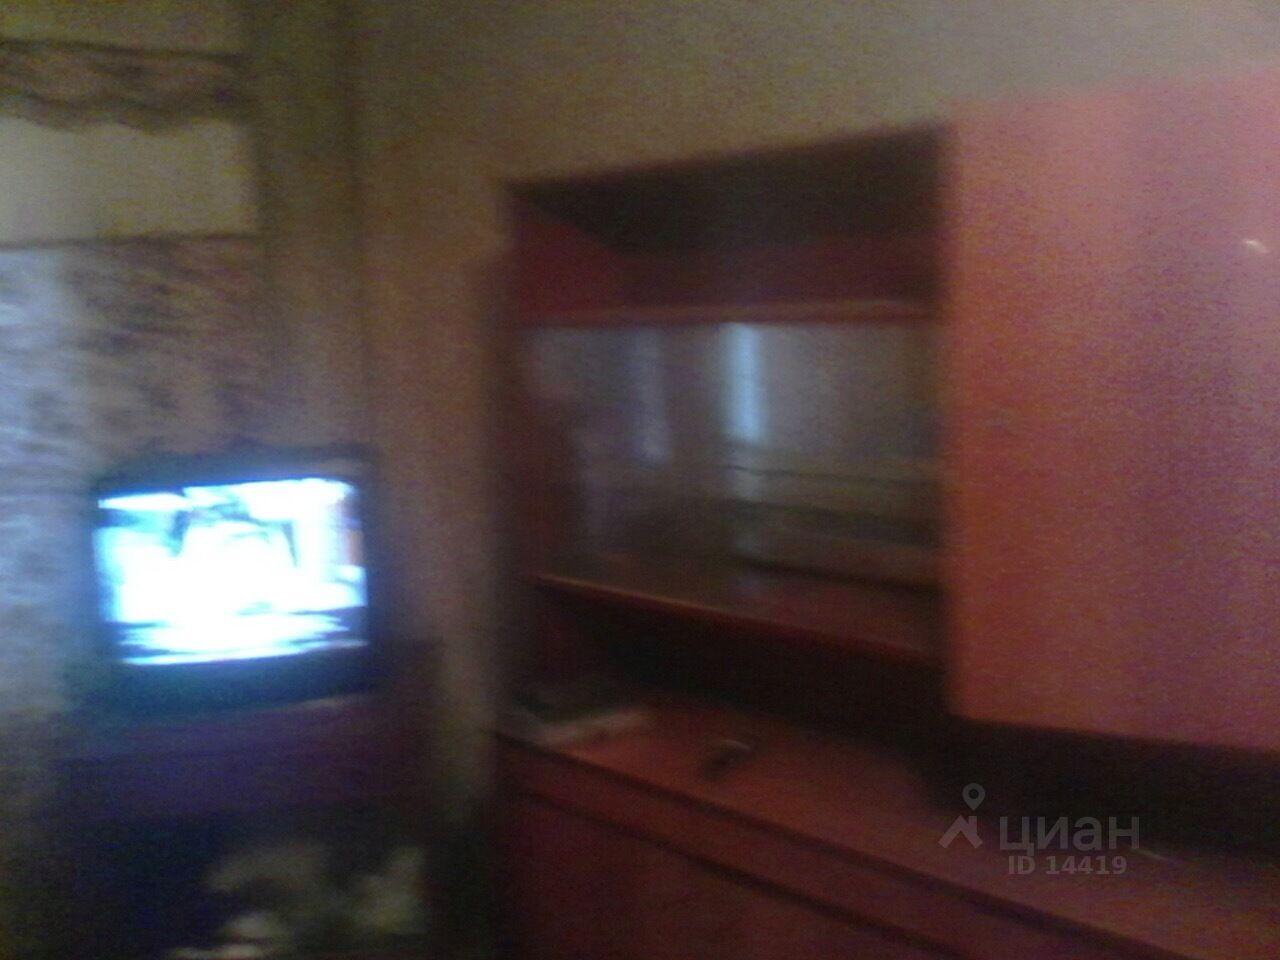 сдам двухкомнатную квартиру город Москва, метро Проспект Мира, Большая Переяславская улица, д. 11